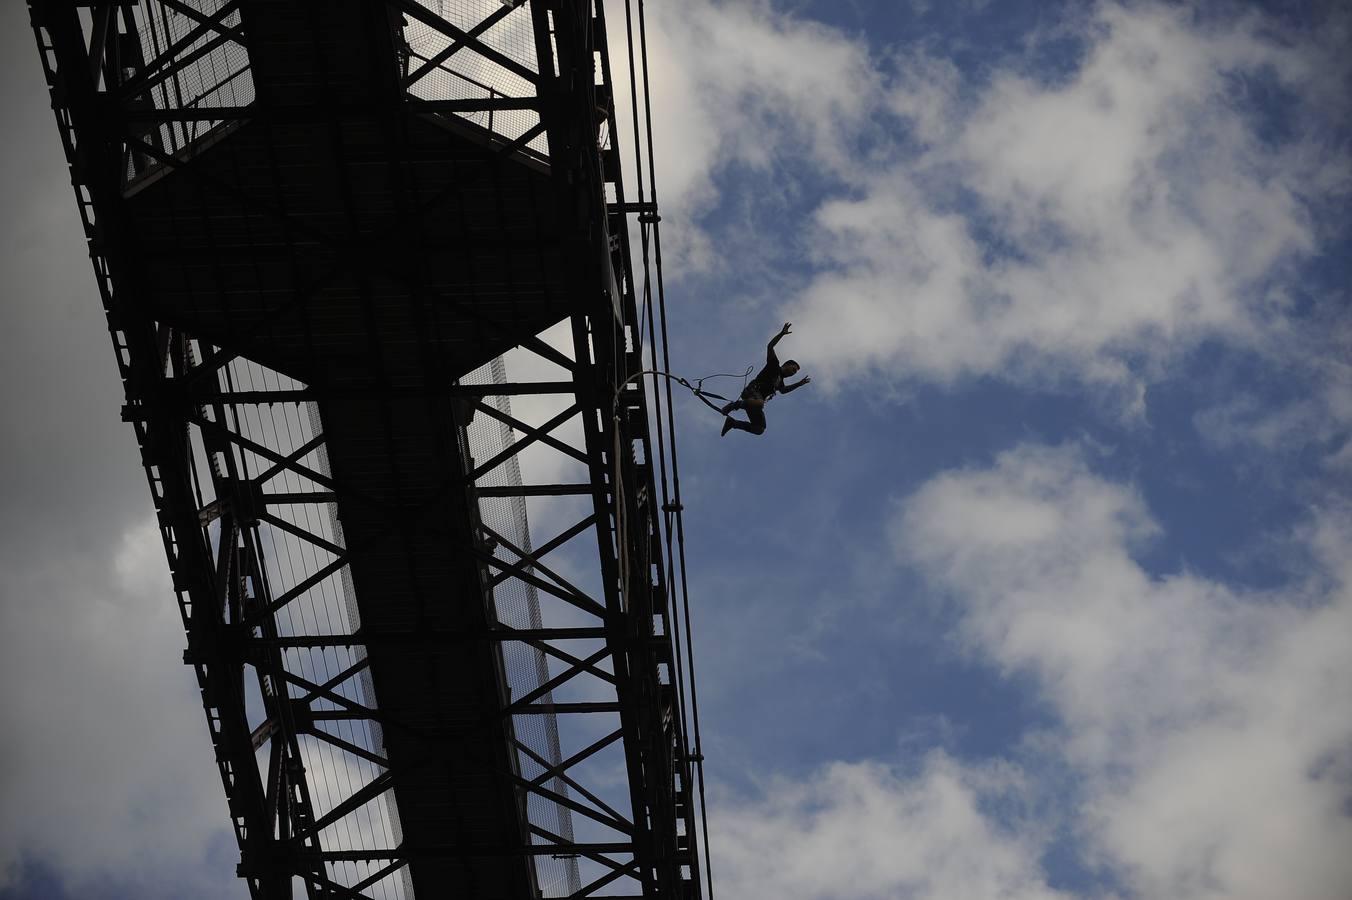 El Puente Colgante cumple 100 años